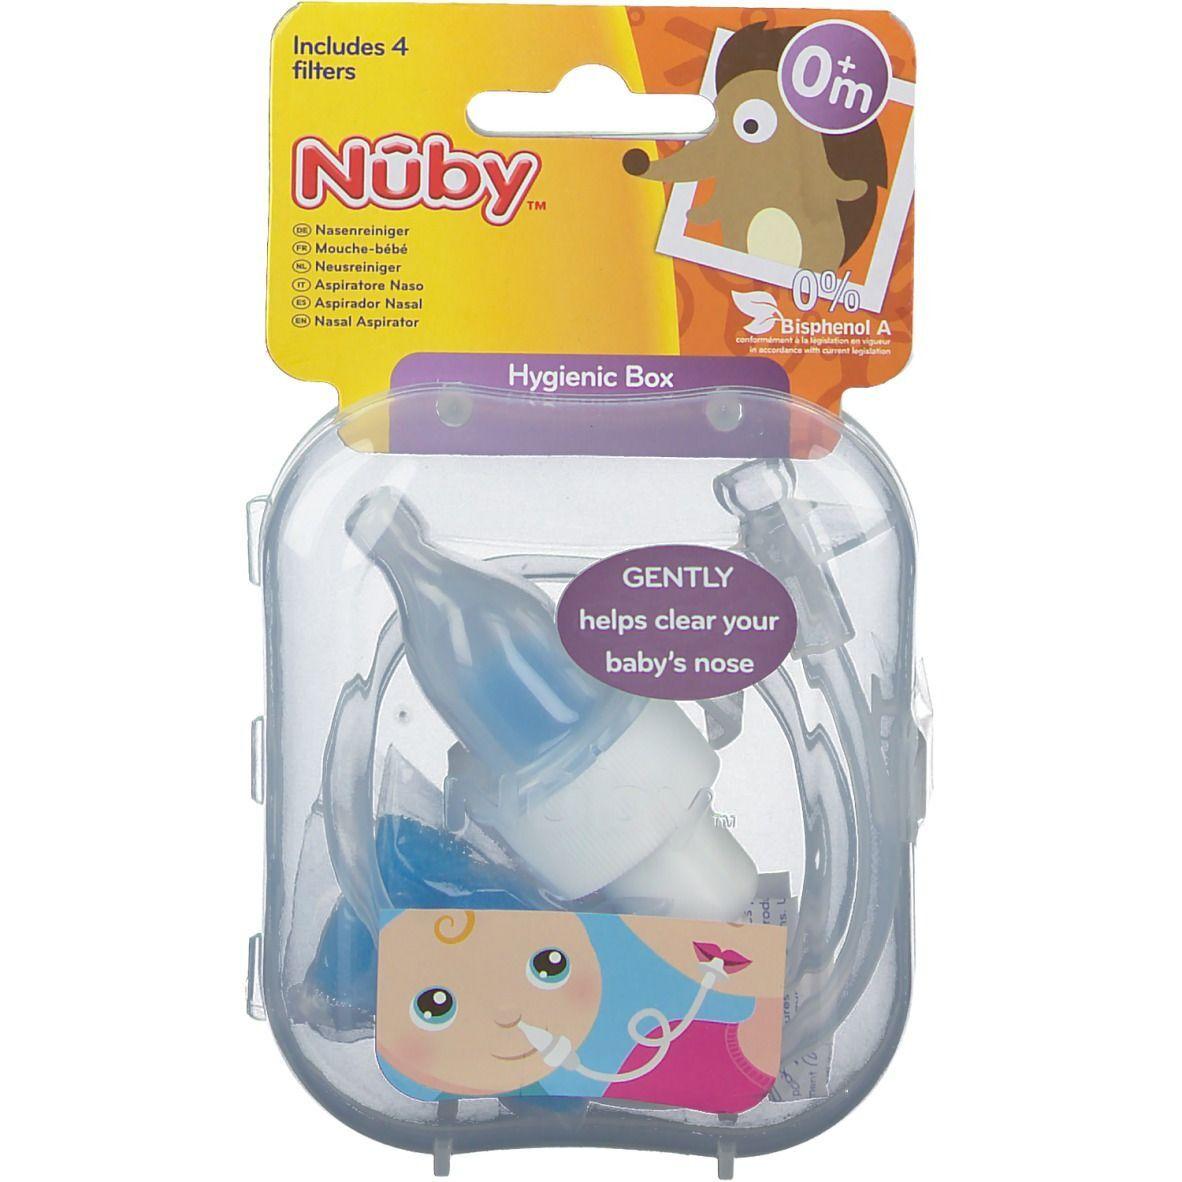 Nûby Nuby Mouche-bébé pc(s) tétine(s)